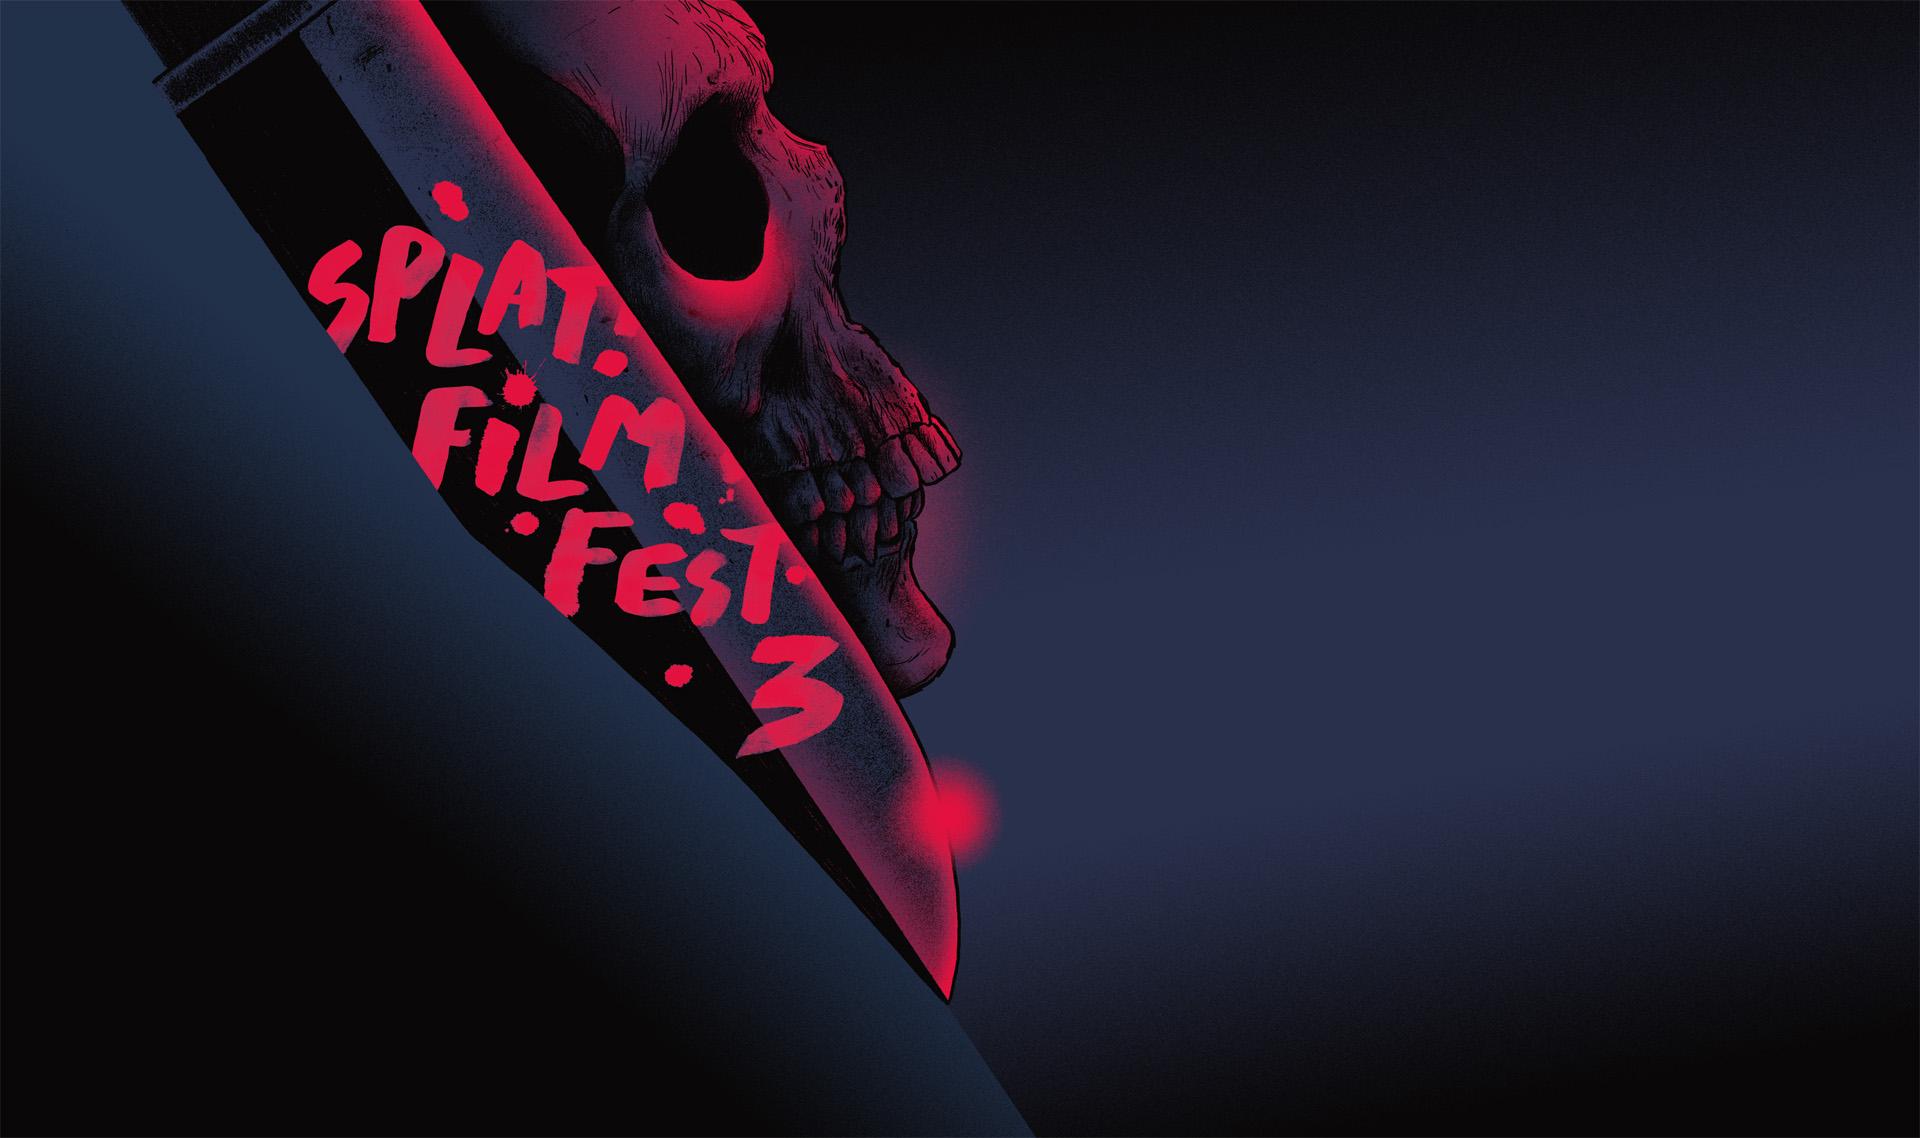 Splat!FilmFest (źródło: materiały prasowe organizatora)